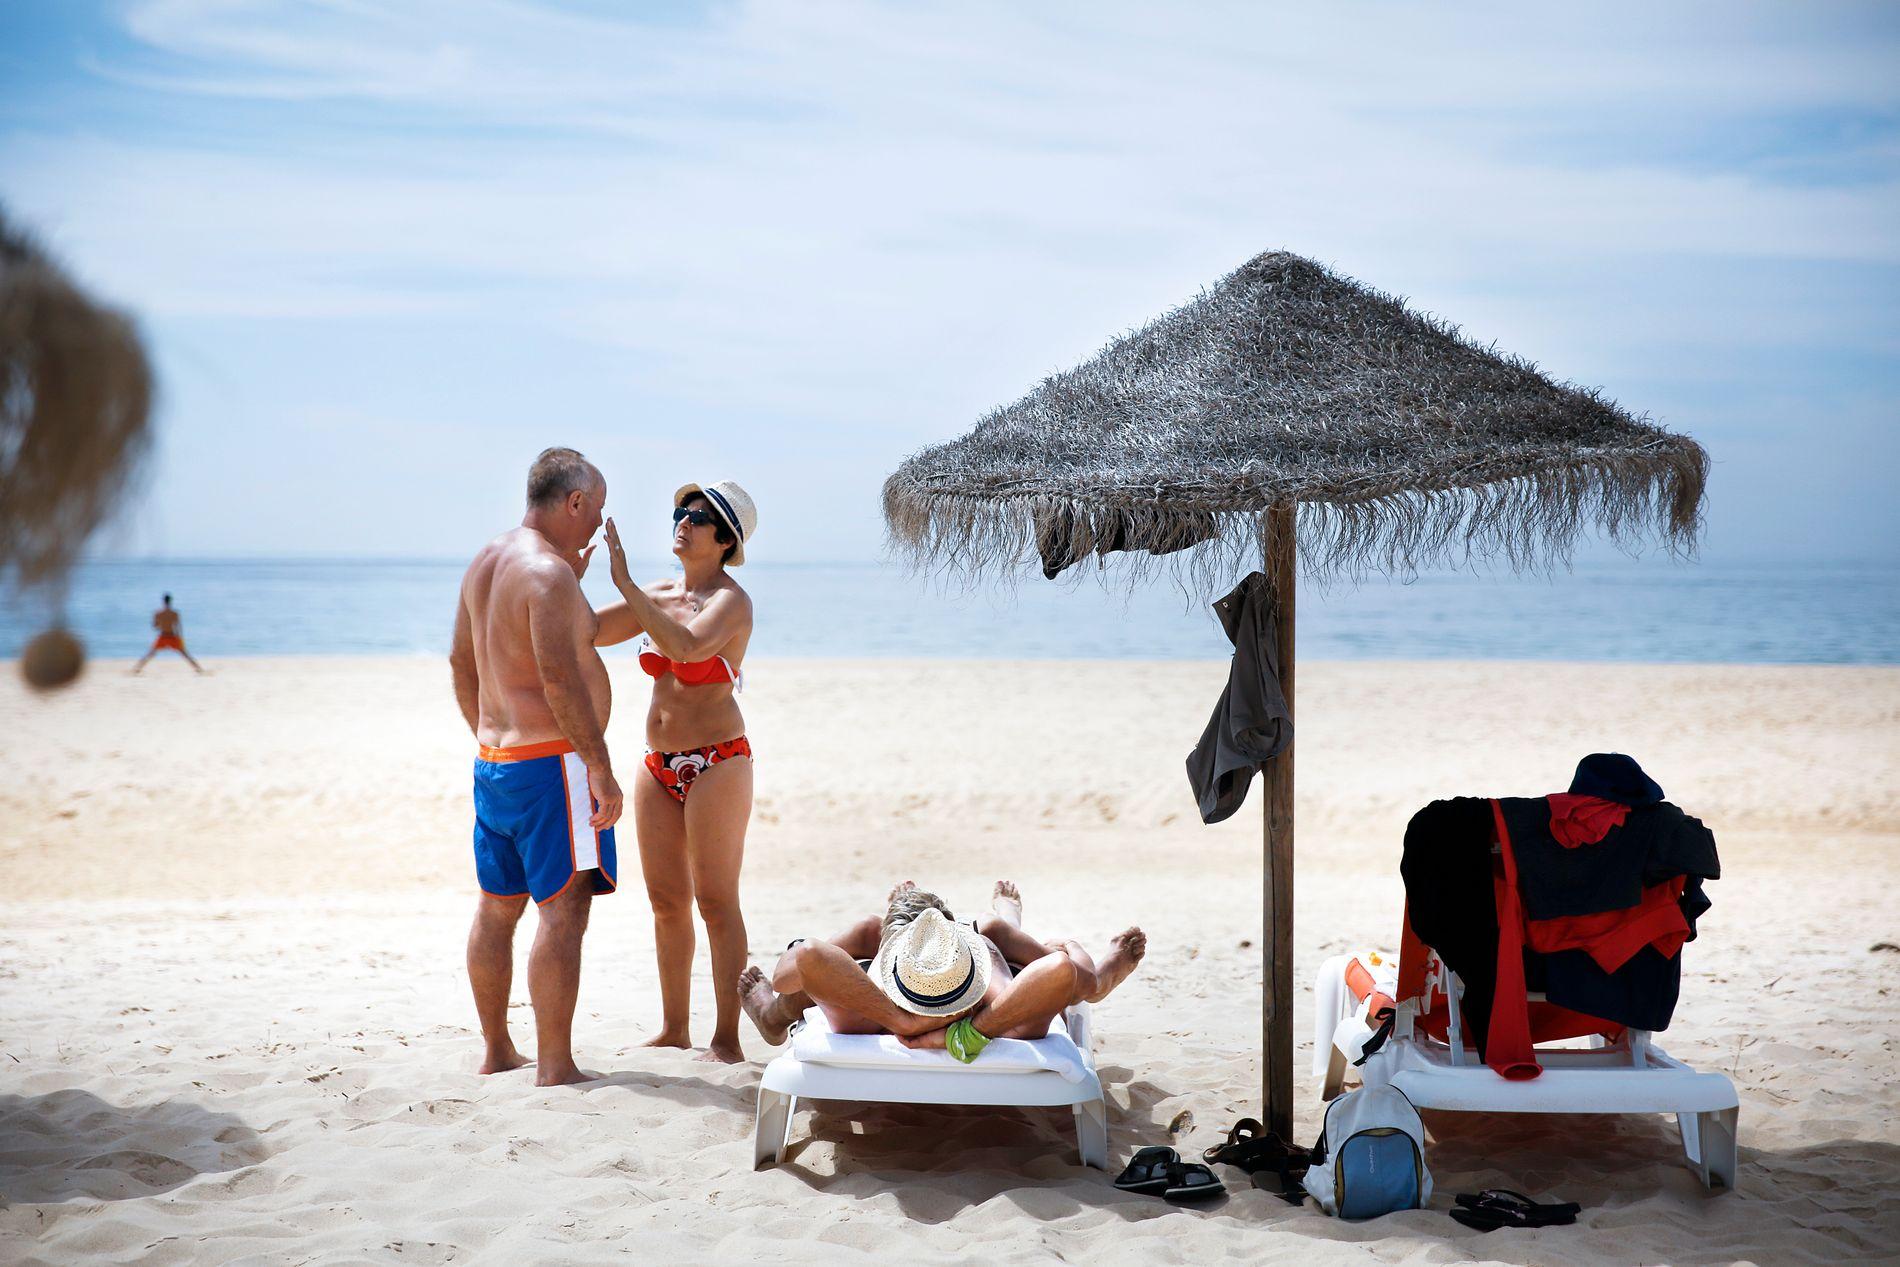 DEN ØDE ØYA: Den første fergen fra Faro går klokken 10 om morgenen. Hvis du kan, så ta den, så får du den øde øya mer eller mindre for deg selv før de neste fergene kommer inn utover dagen.